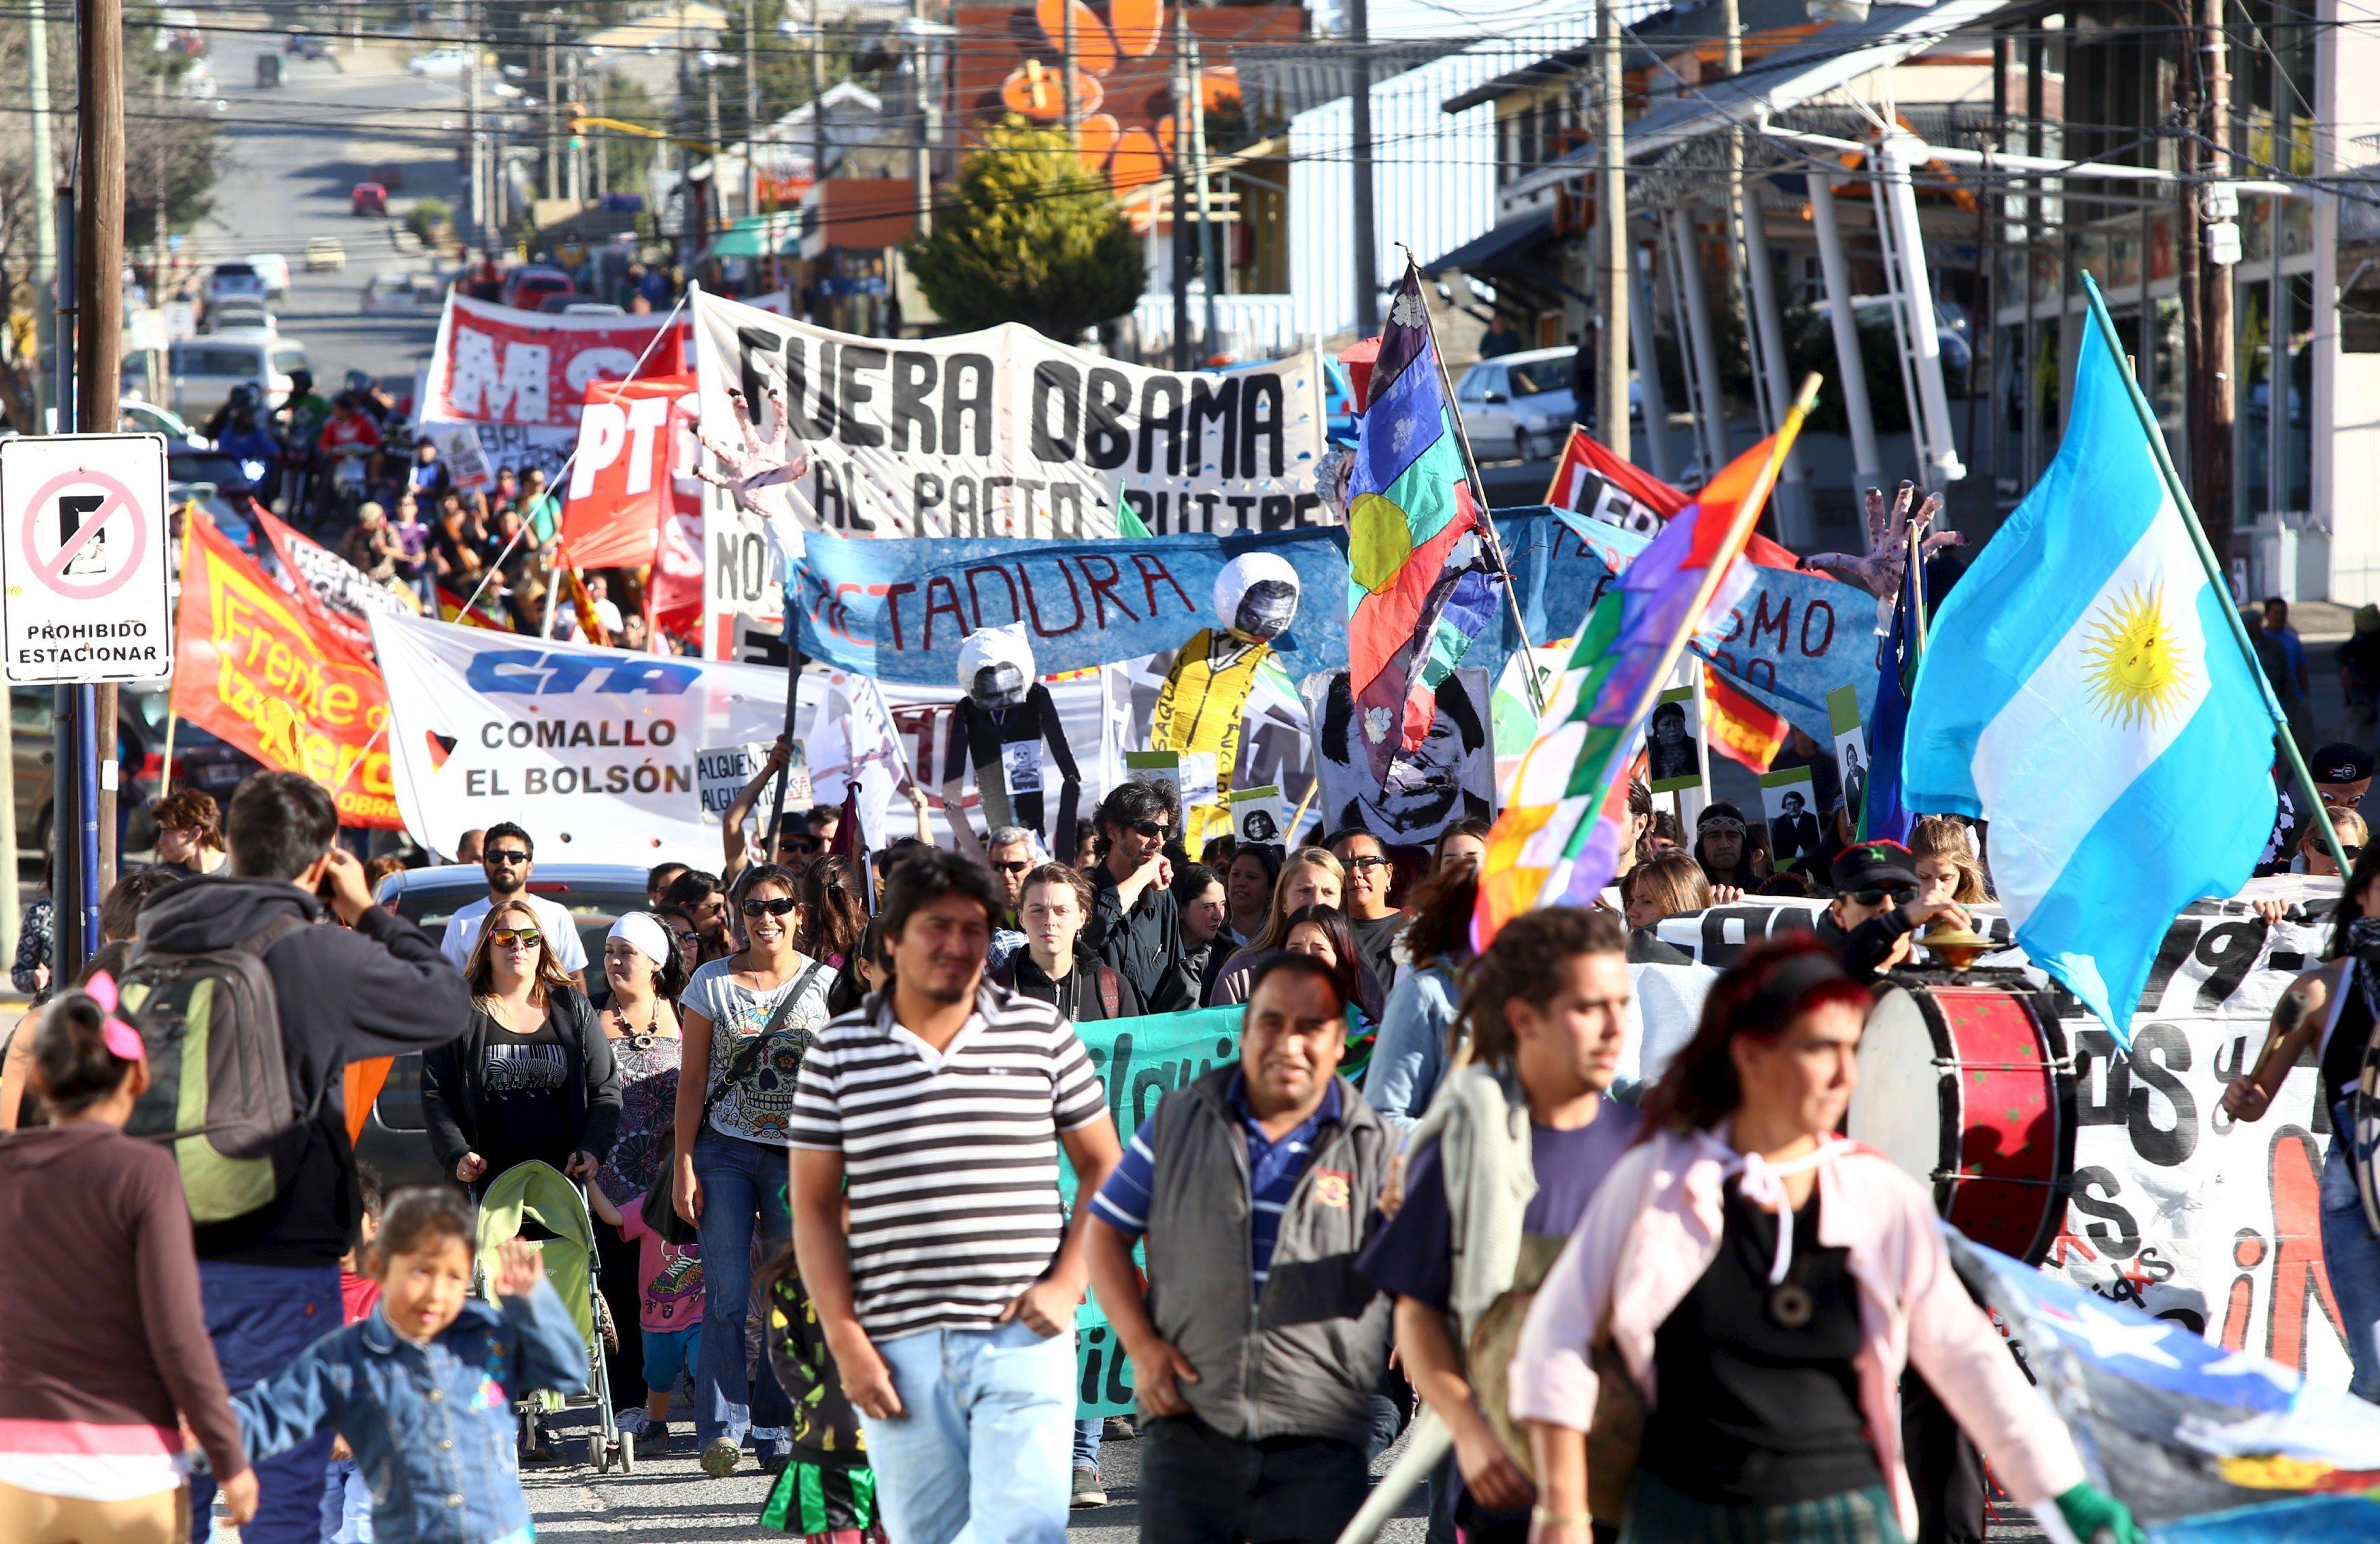 Habitantes de Bariloche, Argentina, protestan contra la llegada del presidente de Estados Unidos, Barack Obama